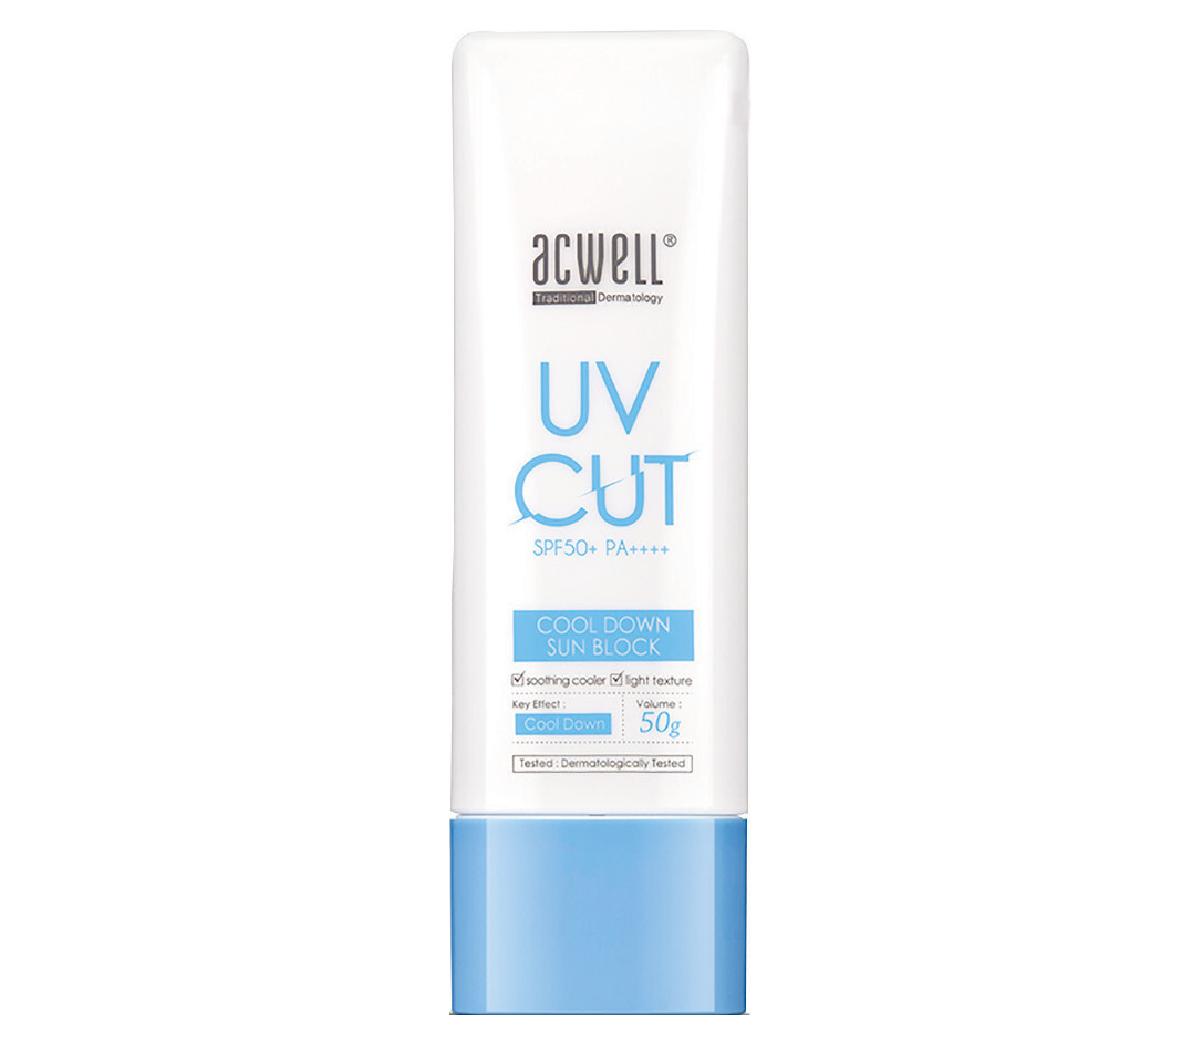 ACWELL-UV-Cut-Cool-Down-Sun-Block-SPF50-creme-solaire-coreenne-avis-revue